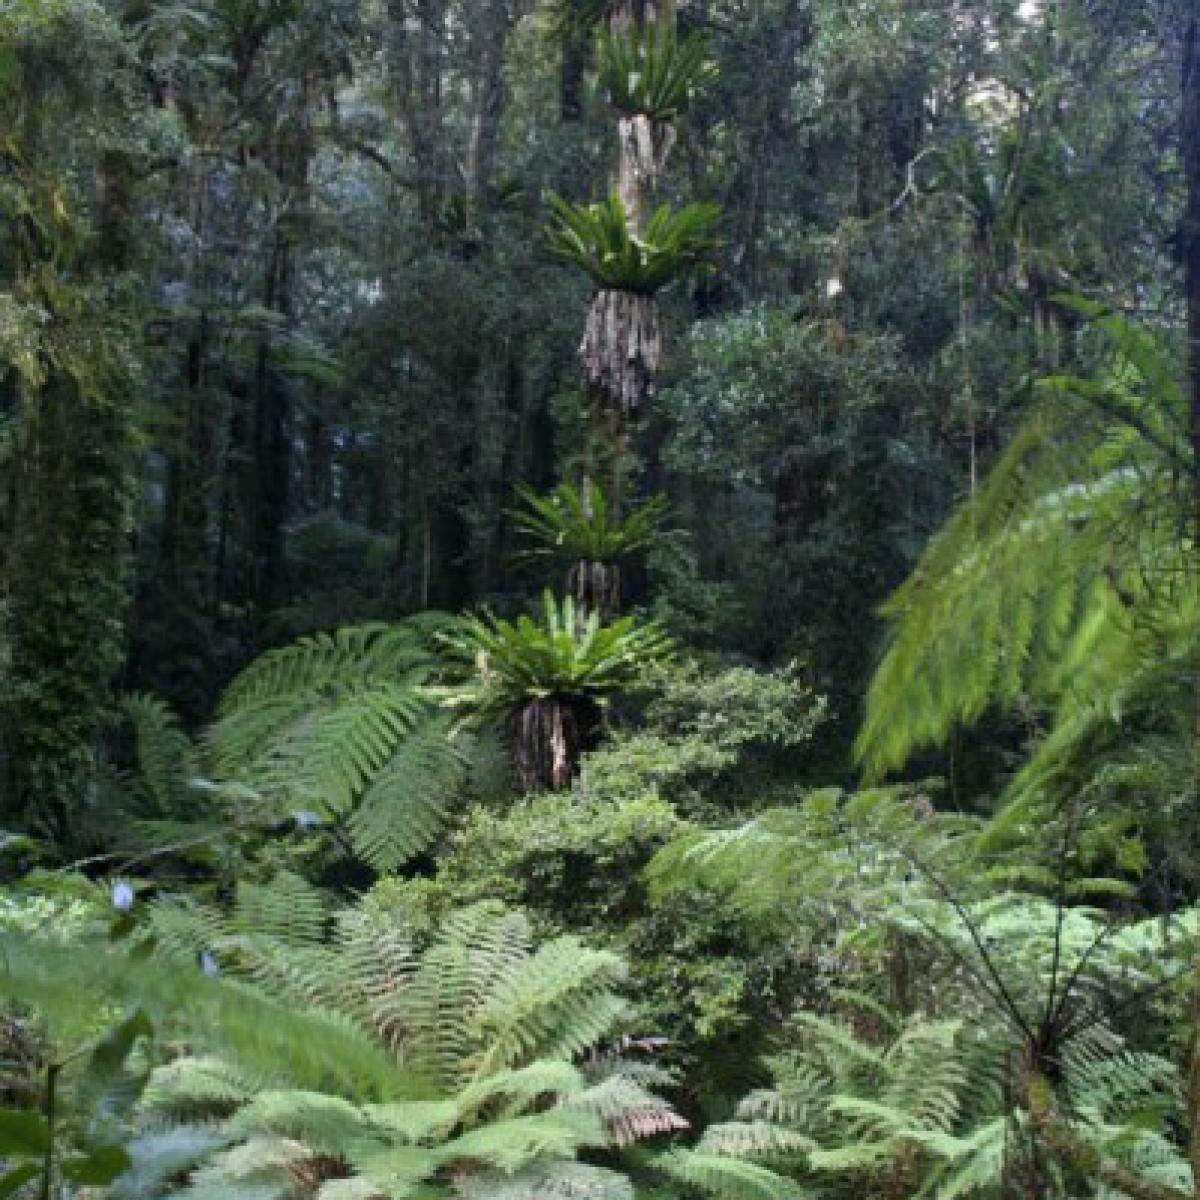 Forest-scape, Lamington National Park, Queensland